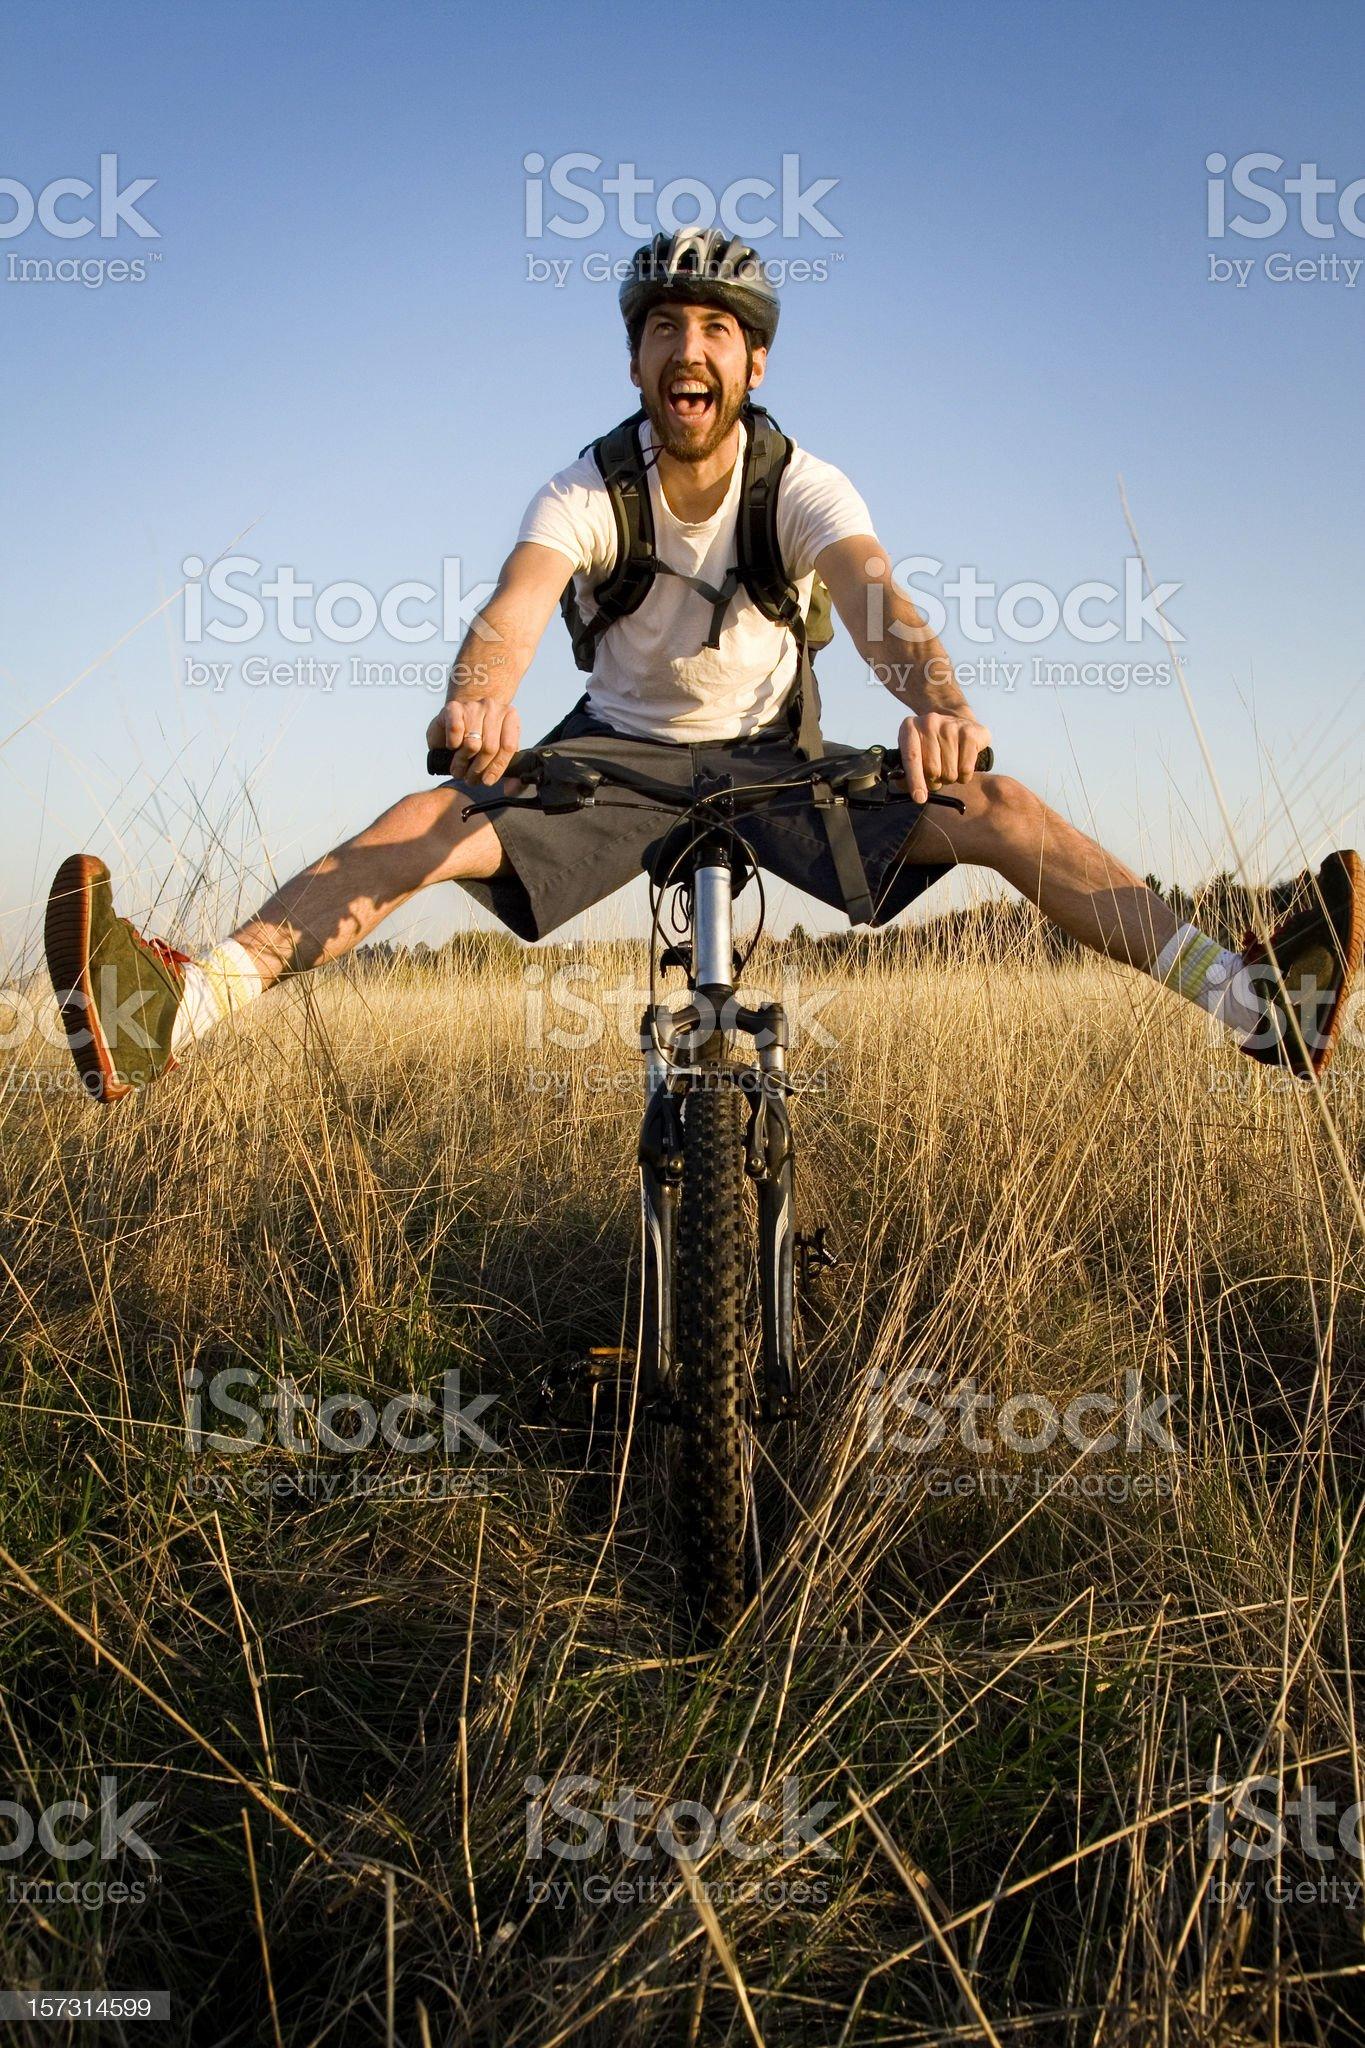 Fun Exercise royalty-free stock photo